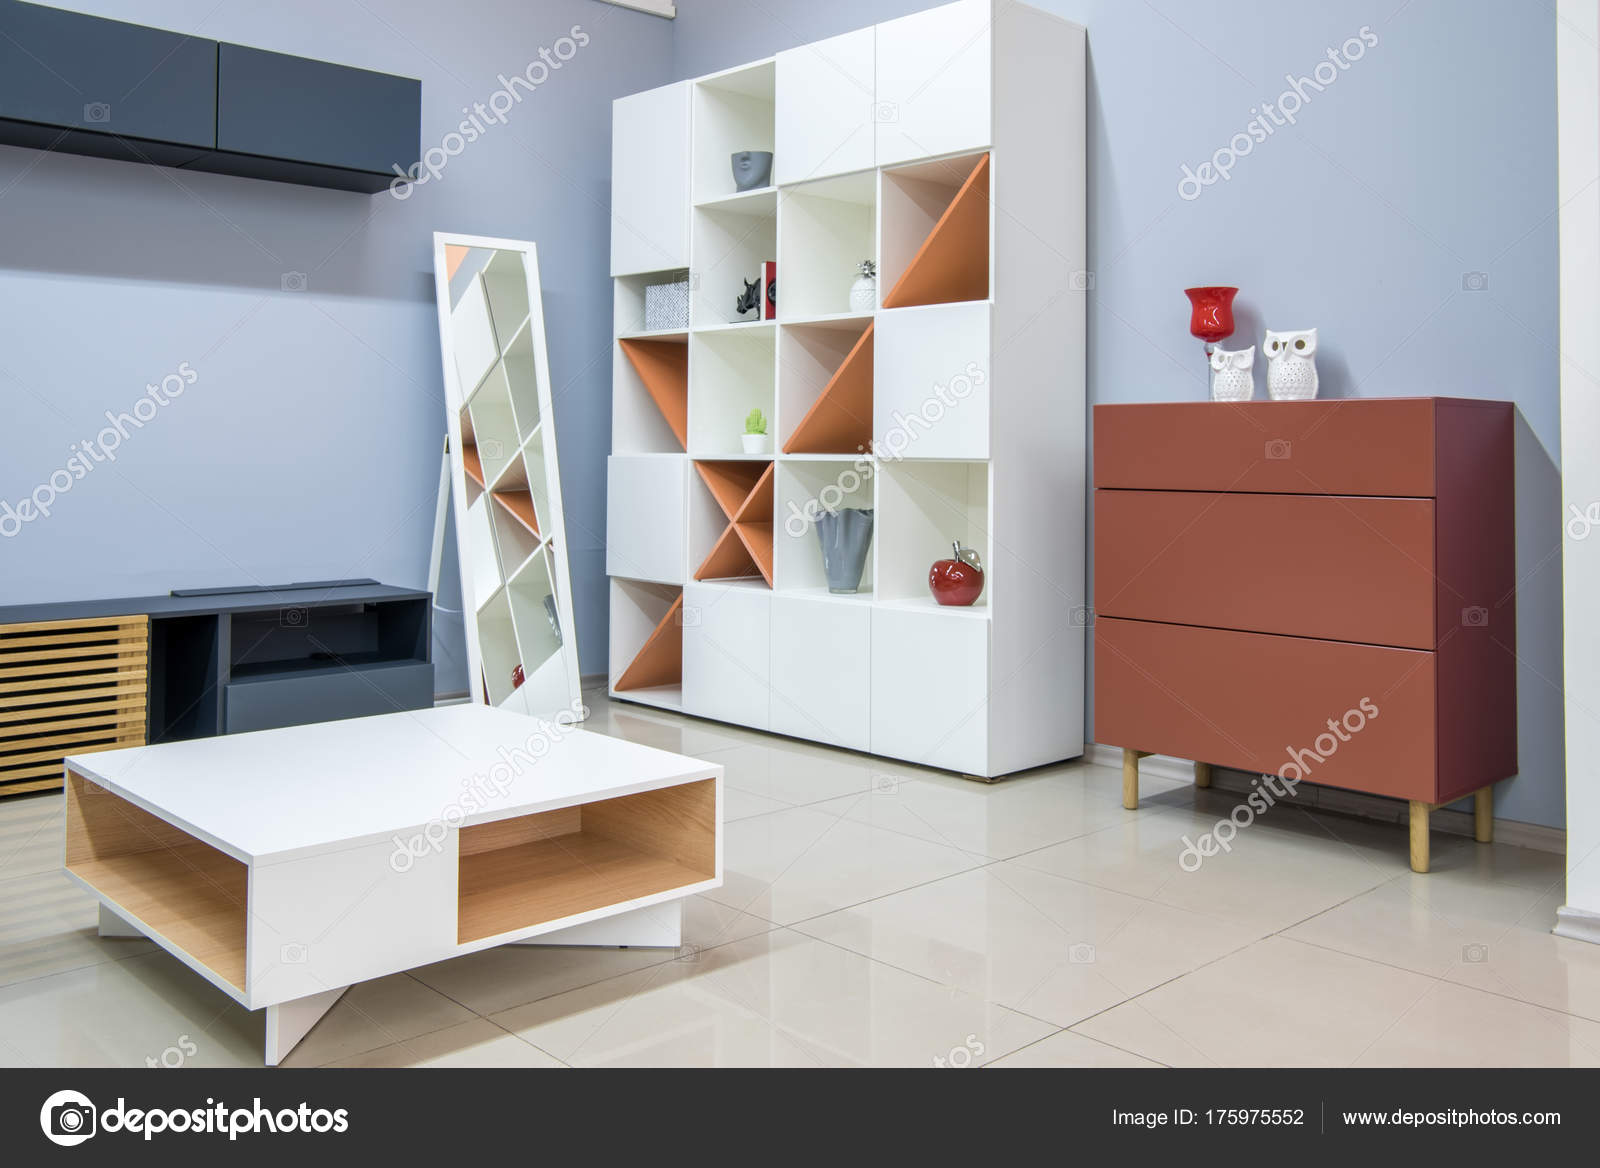 Moderne Wohnzimmer Einrichtung Mit Mobel Stockfoto C Vitalikradko